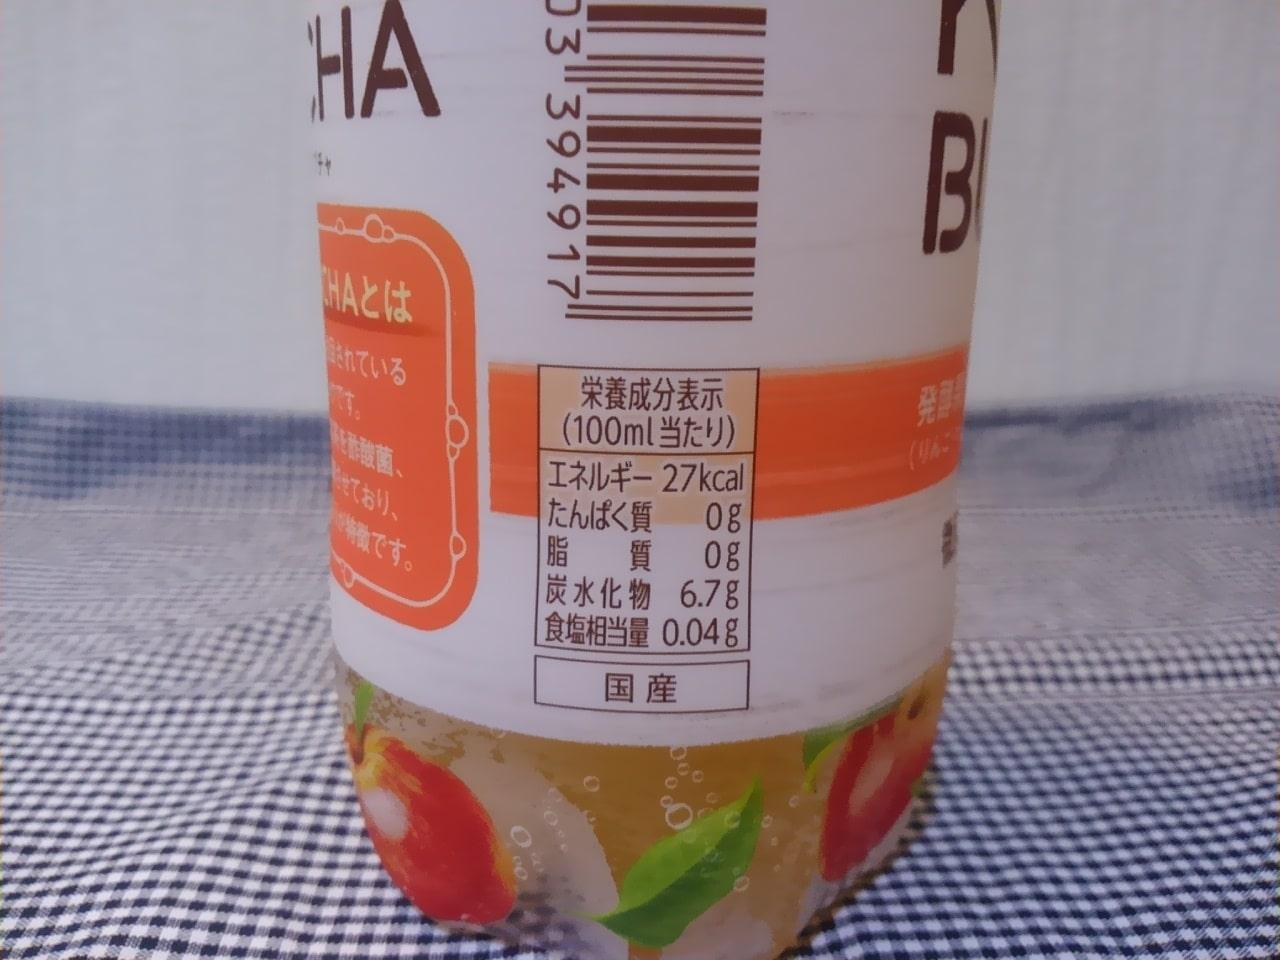 ファミマのコン・ブチャの感想・口コミ・カロリー・値段